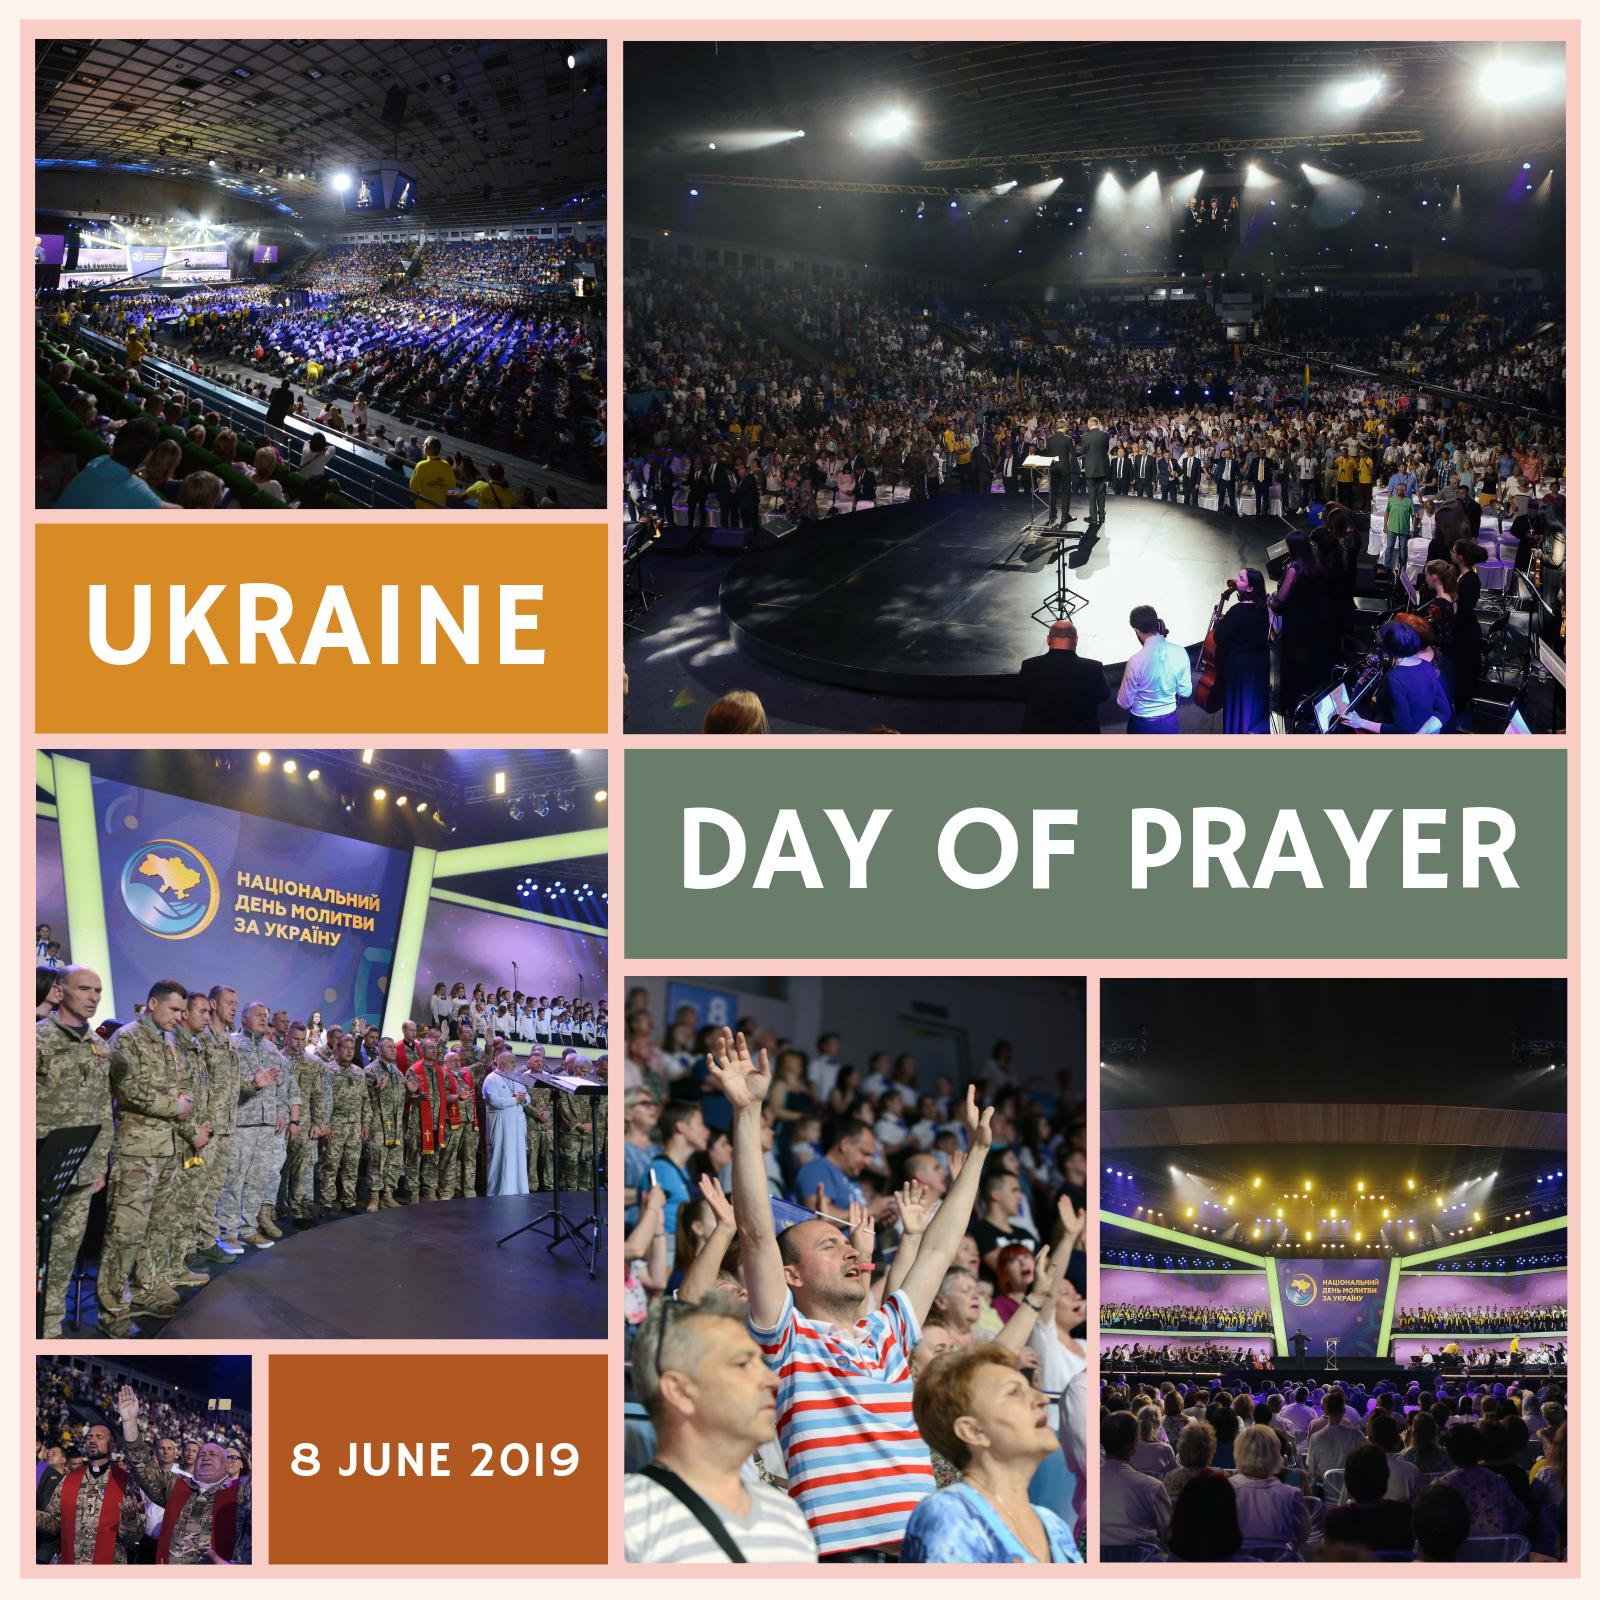 Ukraine DoP 8 June.jpg